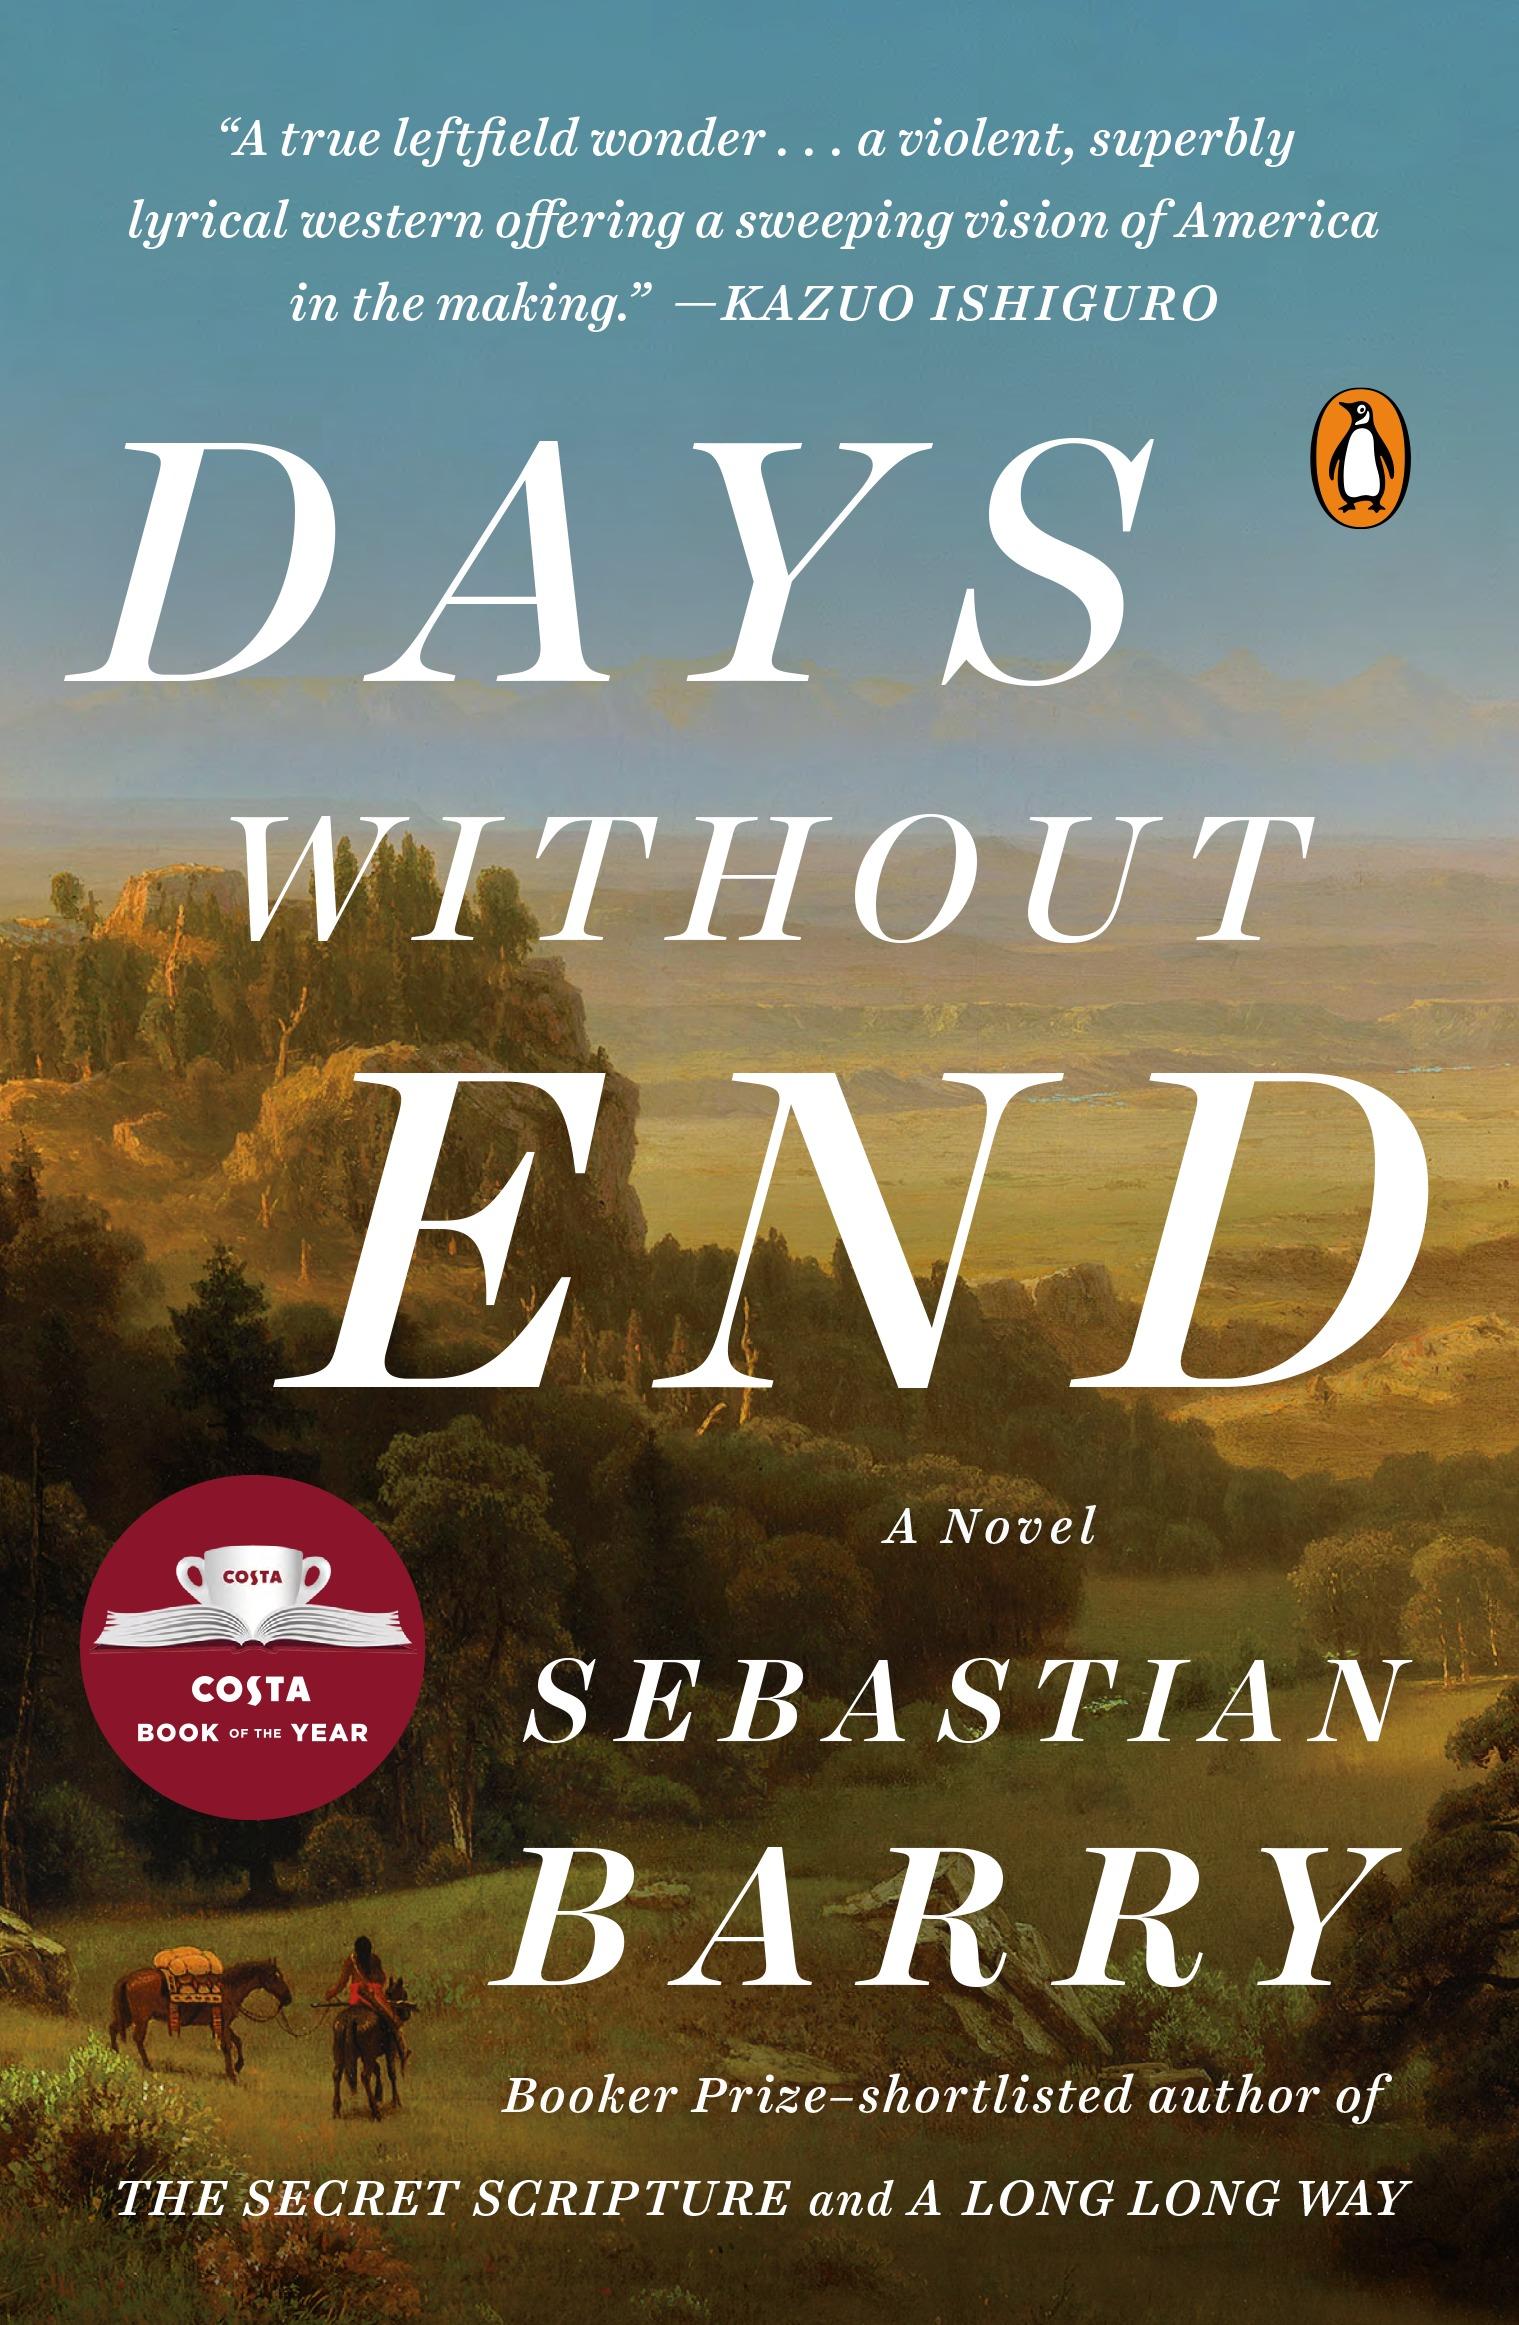 Recommended By: Frances De Pontes Peebles